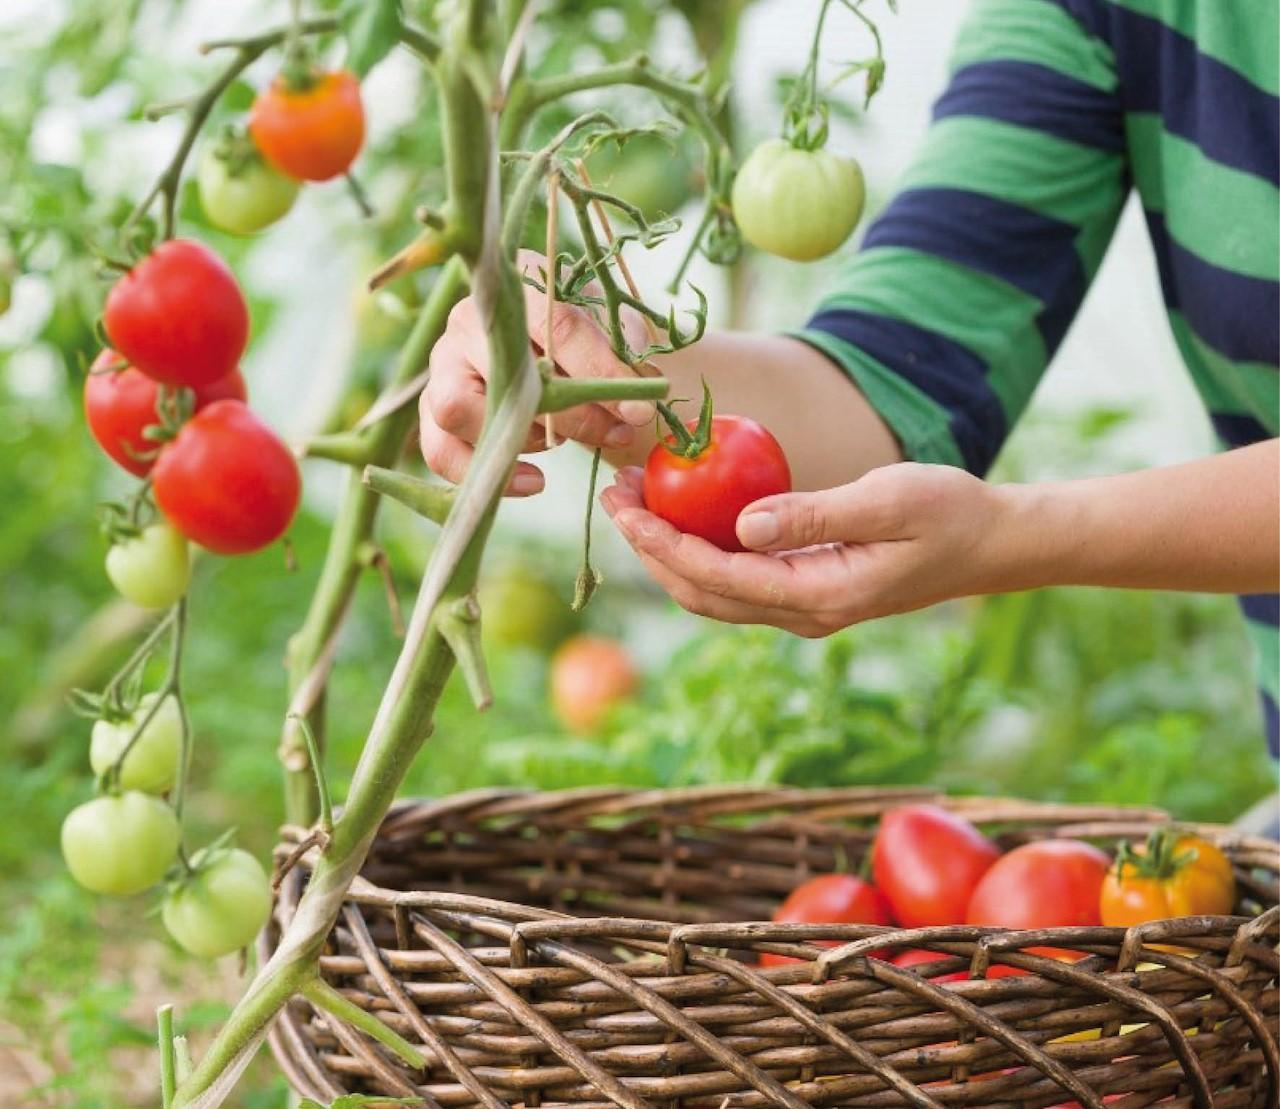 Zelf tomaten kweken, stap voor stap